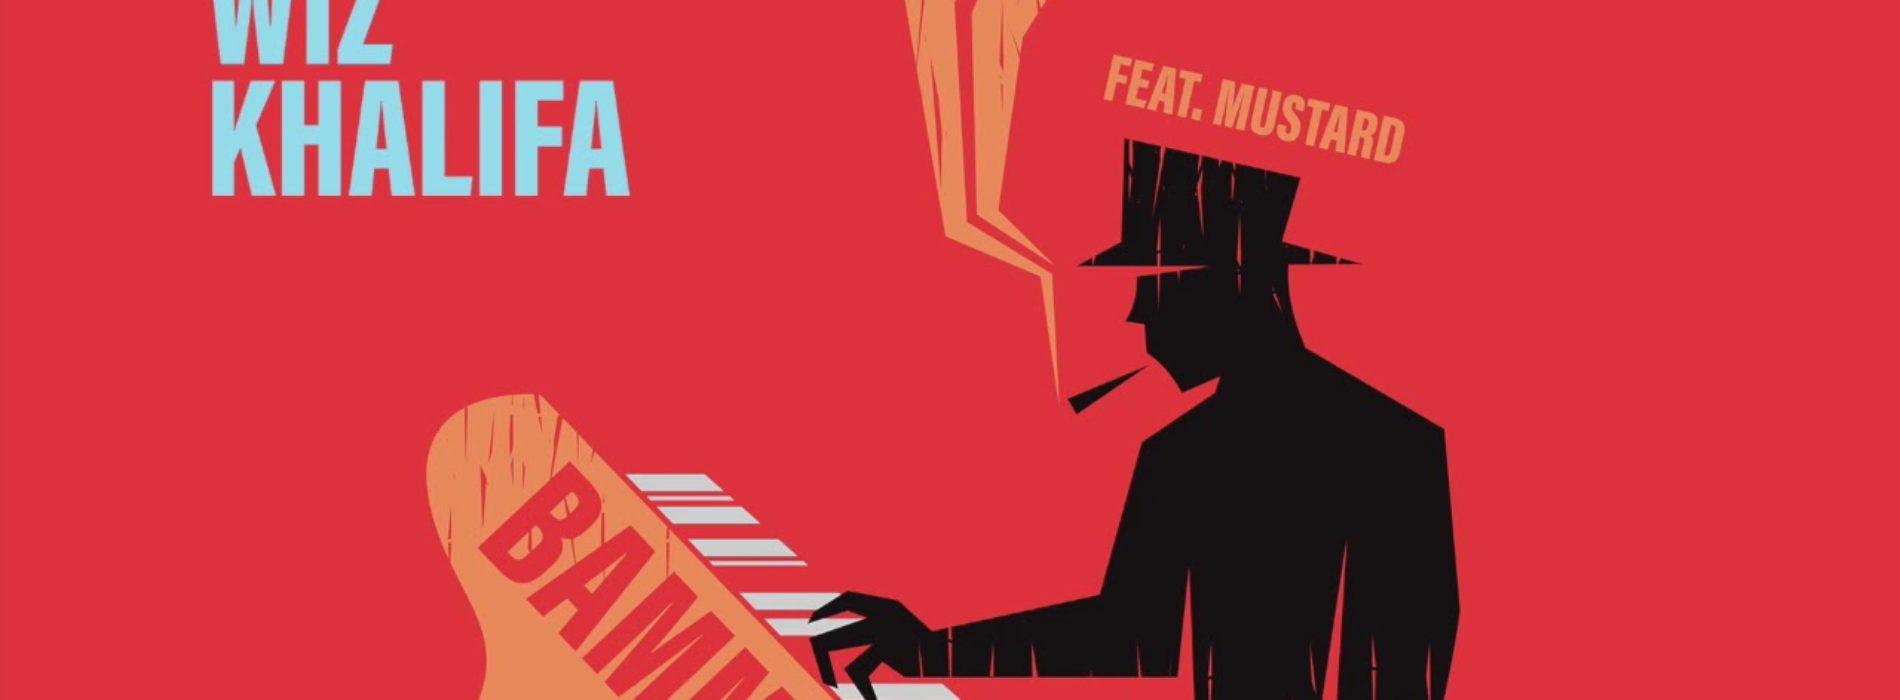 Wiz Khalifa – Bammer [Official Music Video] – Août 2020